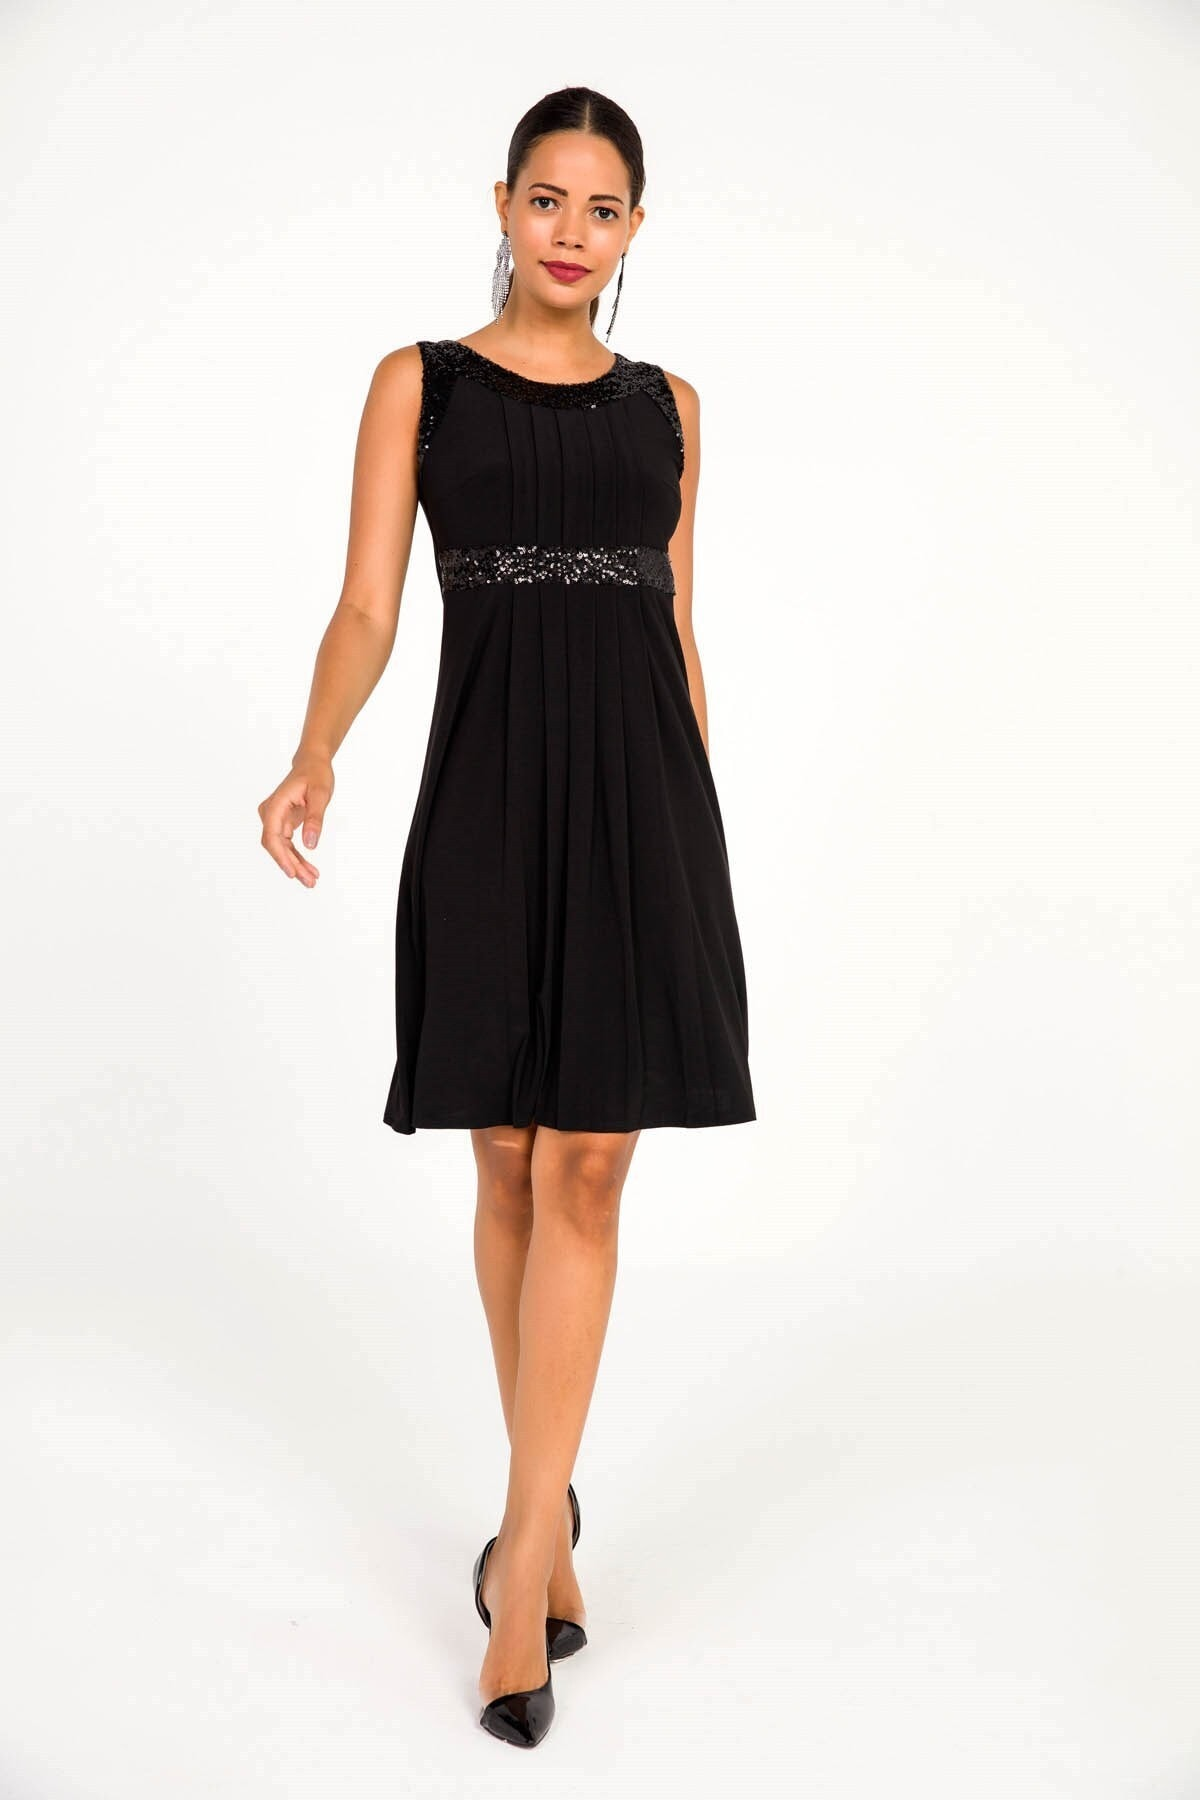 Pul Detaylı Likra Sendy Pileli Likra Elbise Siyah